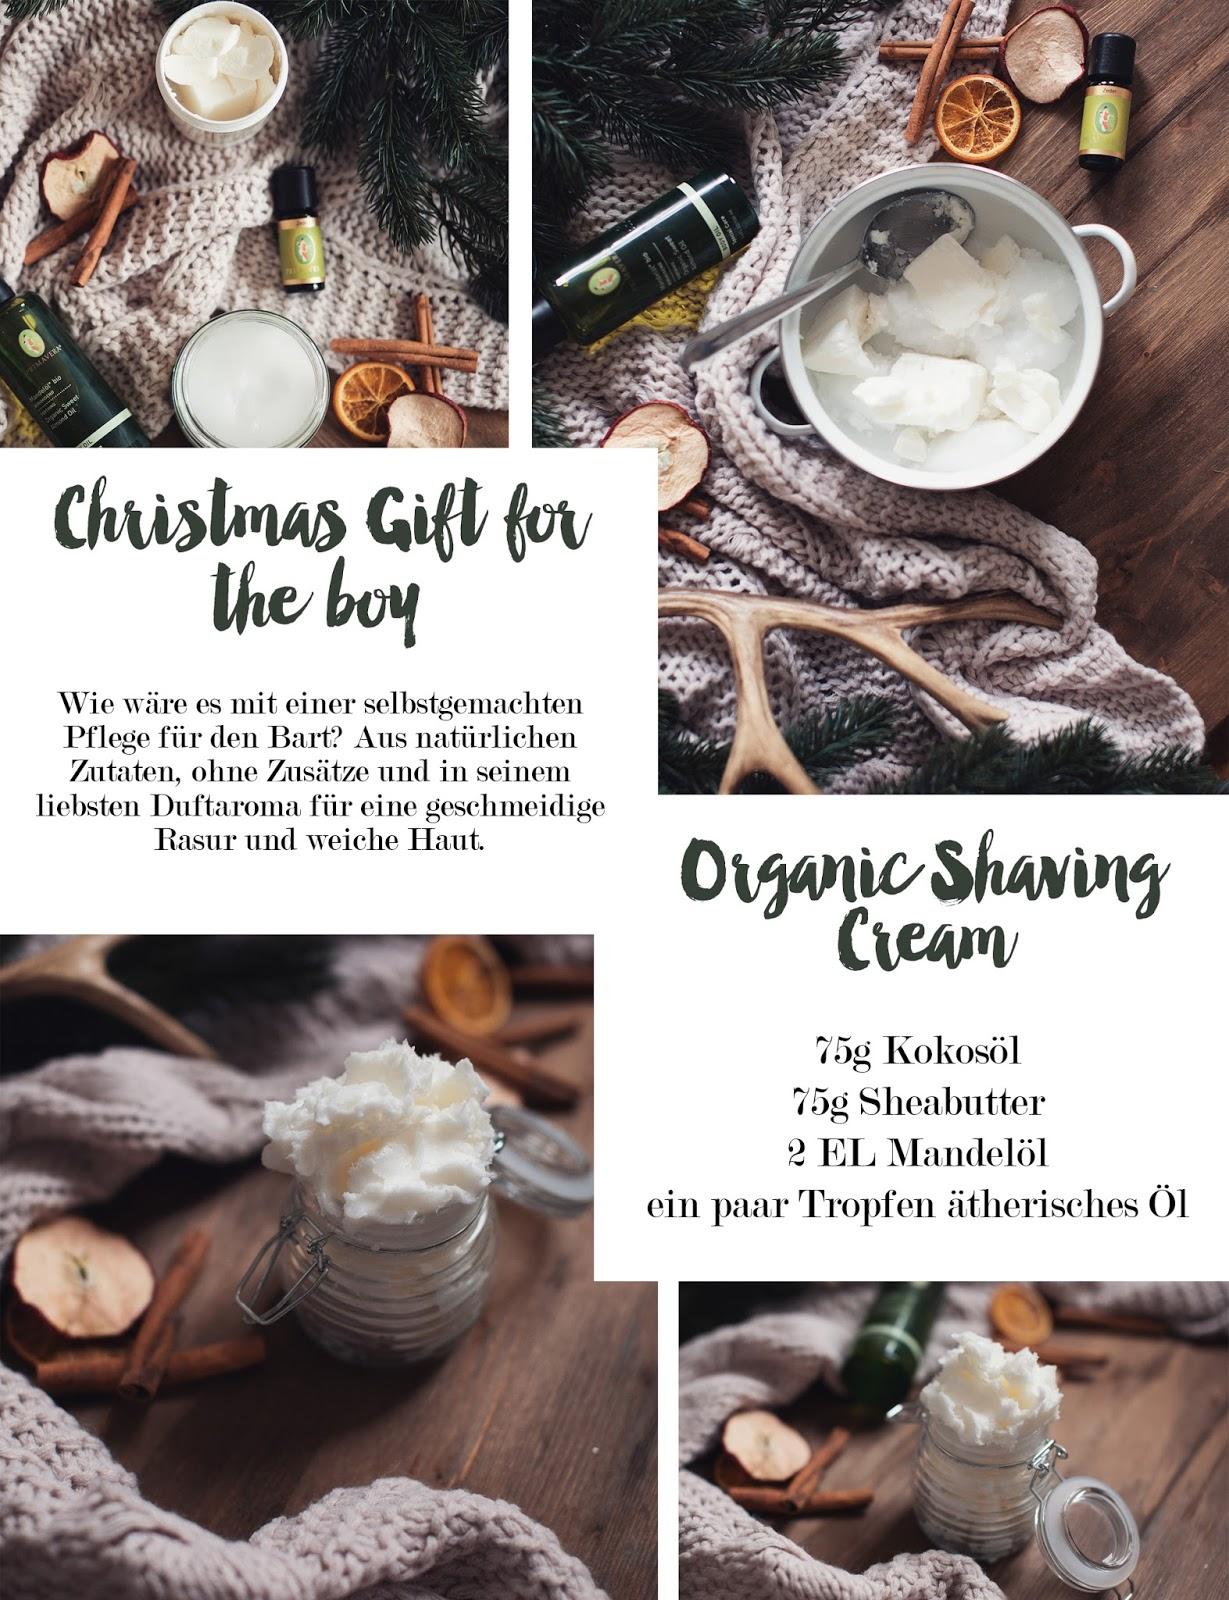 inlovewith diy weihnachtsgeschenk organic shaving cream f r m nner. Black Bedroom Furniture Sets. Home Design Ideas